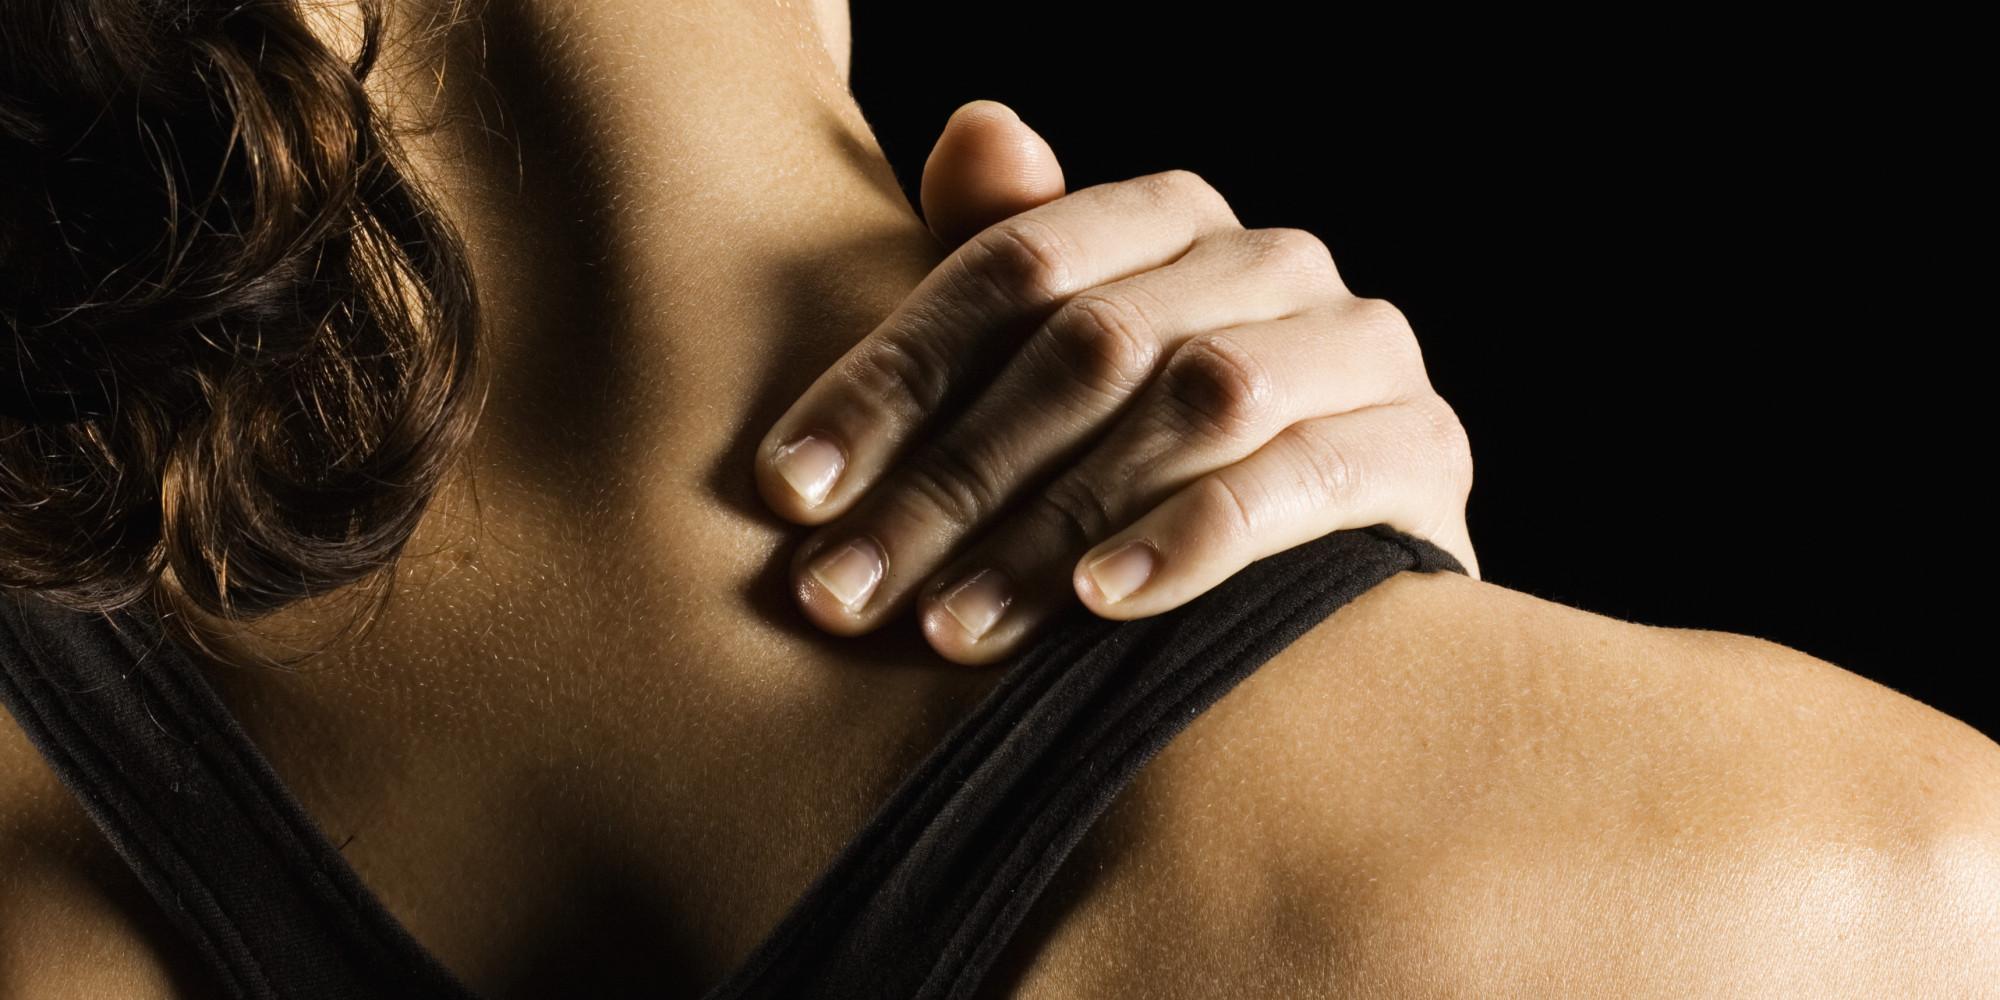 gydymas bursitas nuo peties sąnario alkūnės mazi nuo skausmo buitinius sąnarių